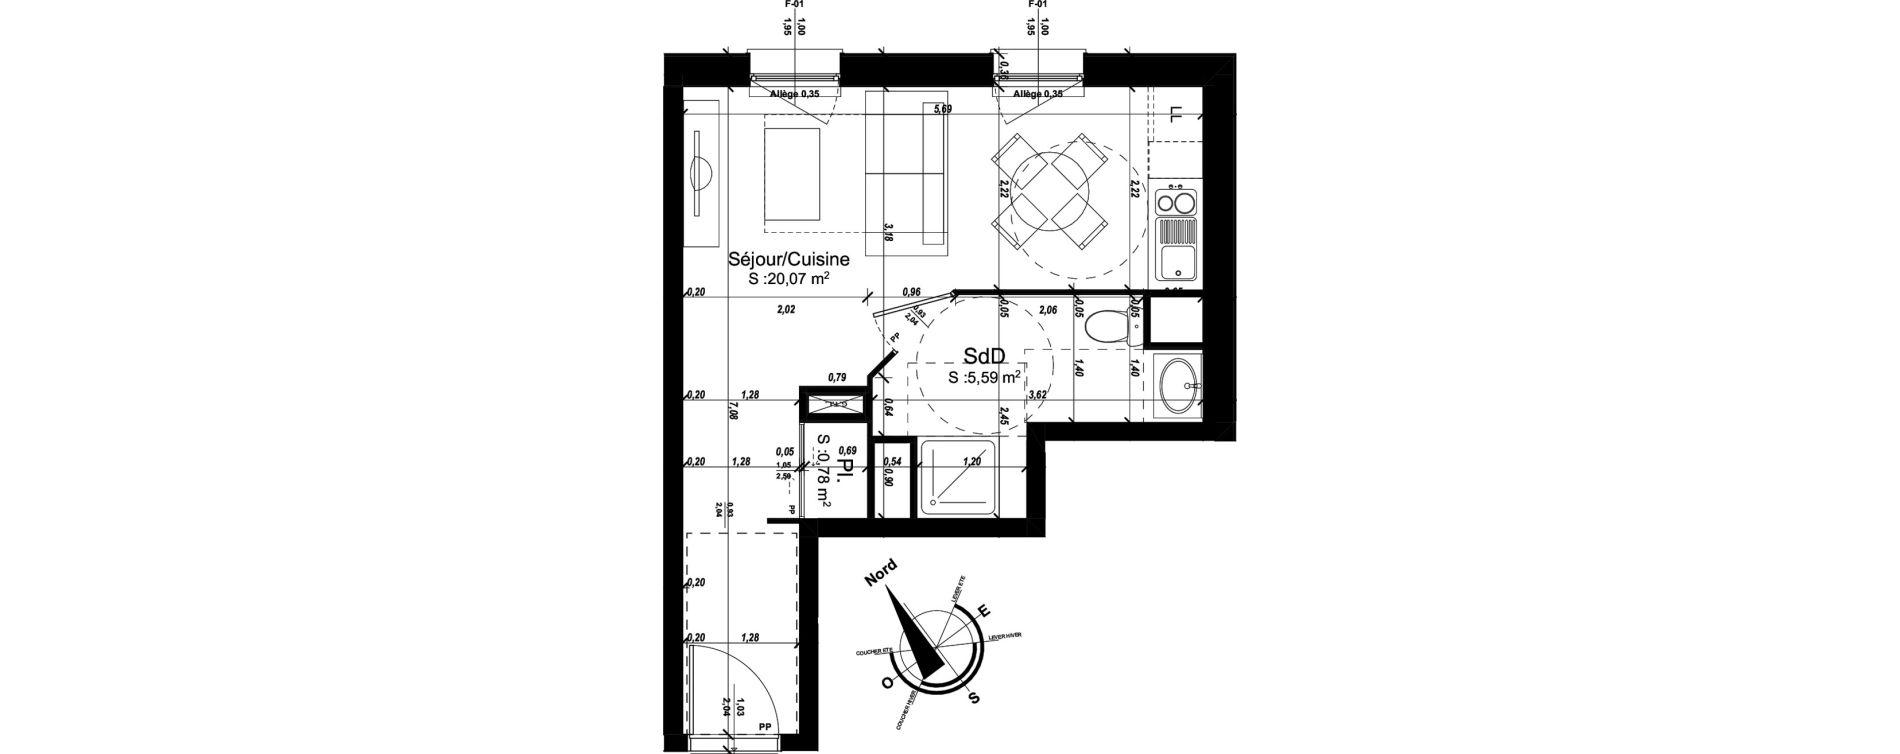 Appartement T1 de 26,44 m2 à Amiens Intercampus